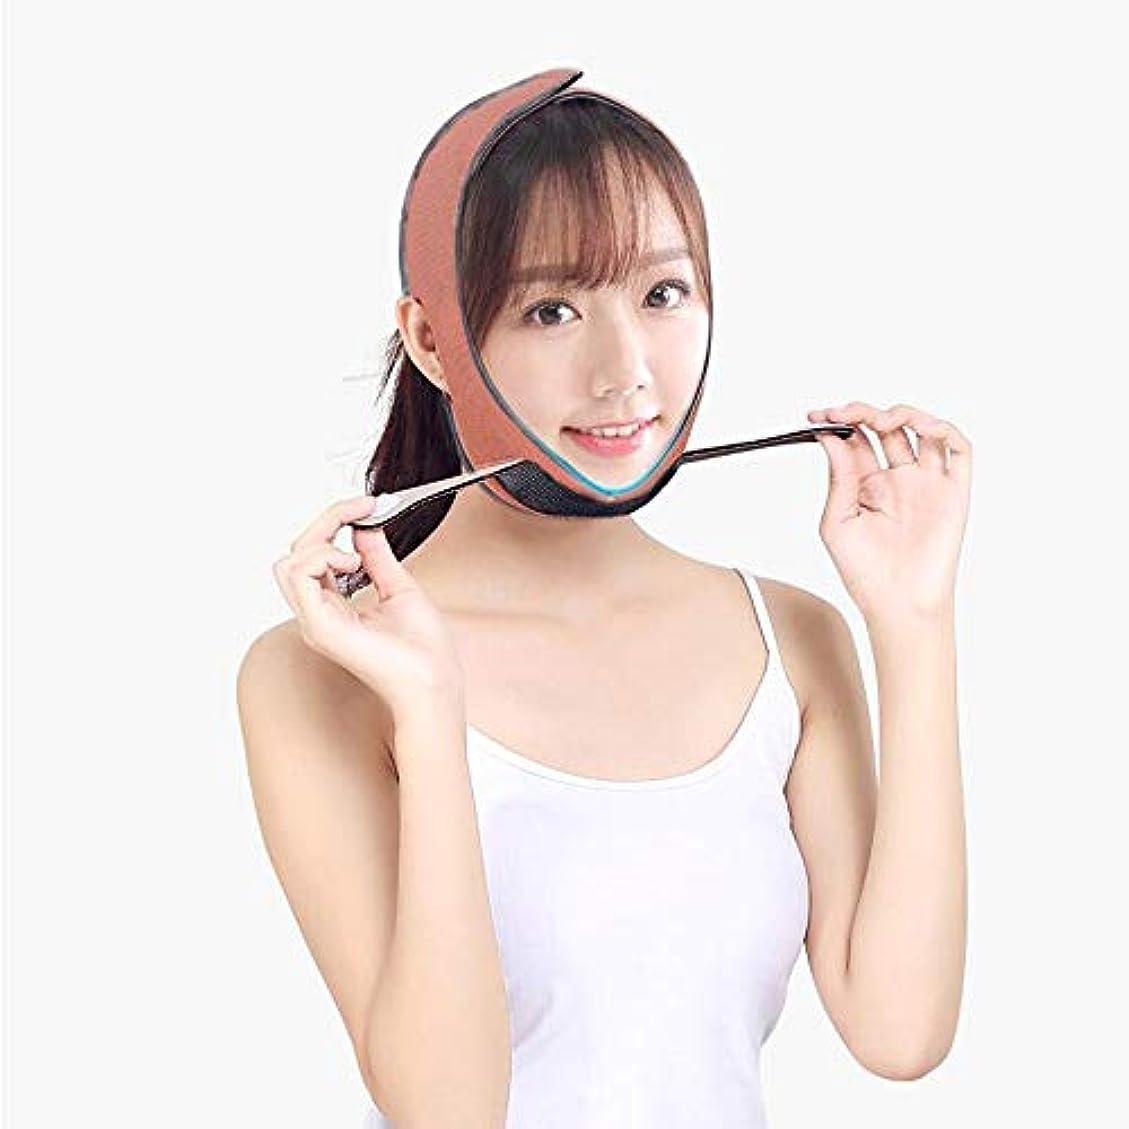 全能日付手足Jia Jia- フェイシャルリフティングスリミングベルト - 薄いフェイス包帯Vフェイス包帯マスクフェイシャルマッサージャー無料整形マスク顔と首の顔を引き締めますスリム 顔面包帯